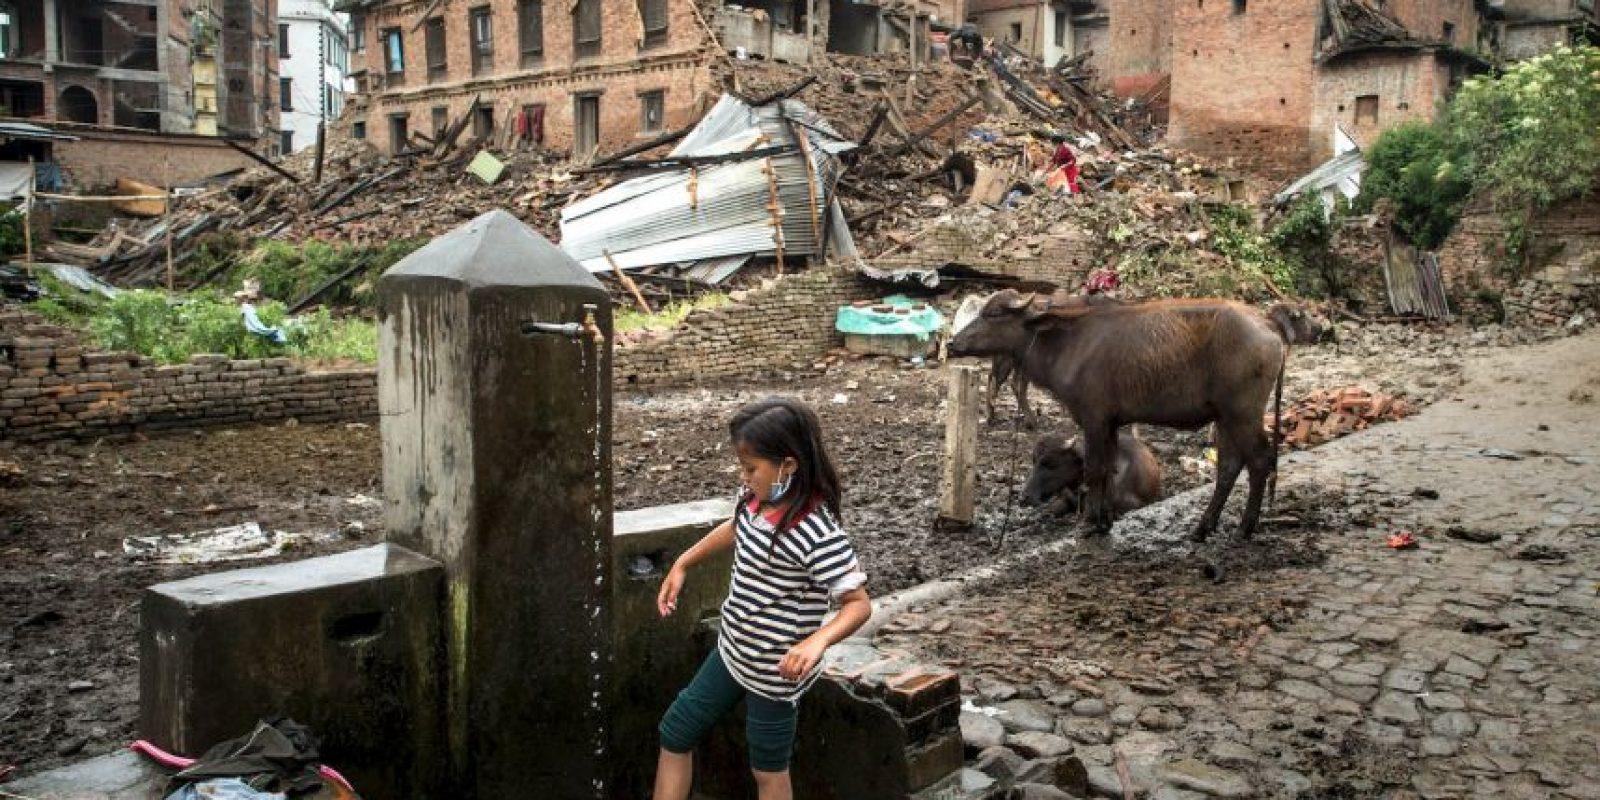 5. Múltiples organizaciones sin fines de lucro se han destacado en el lugar. Foto:Getty Images